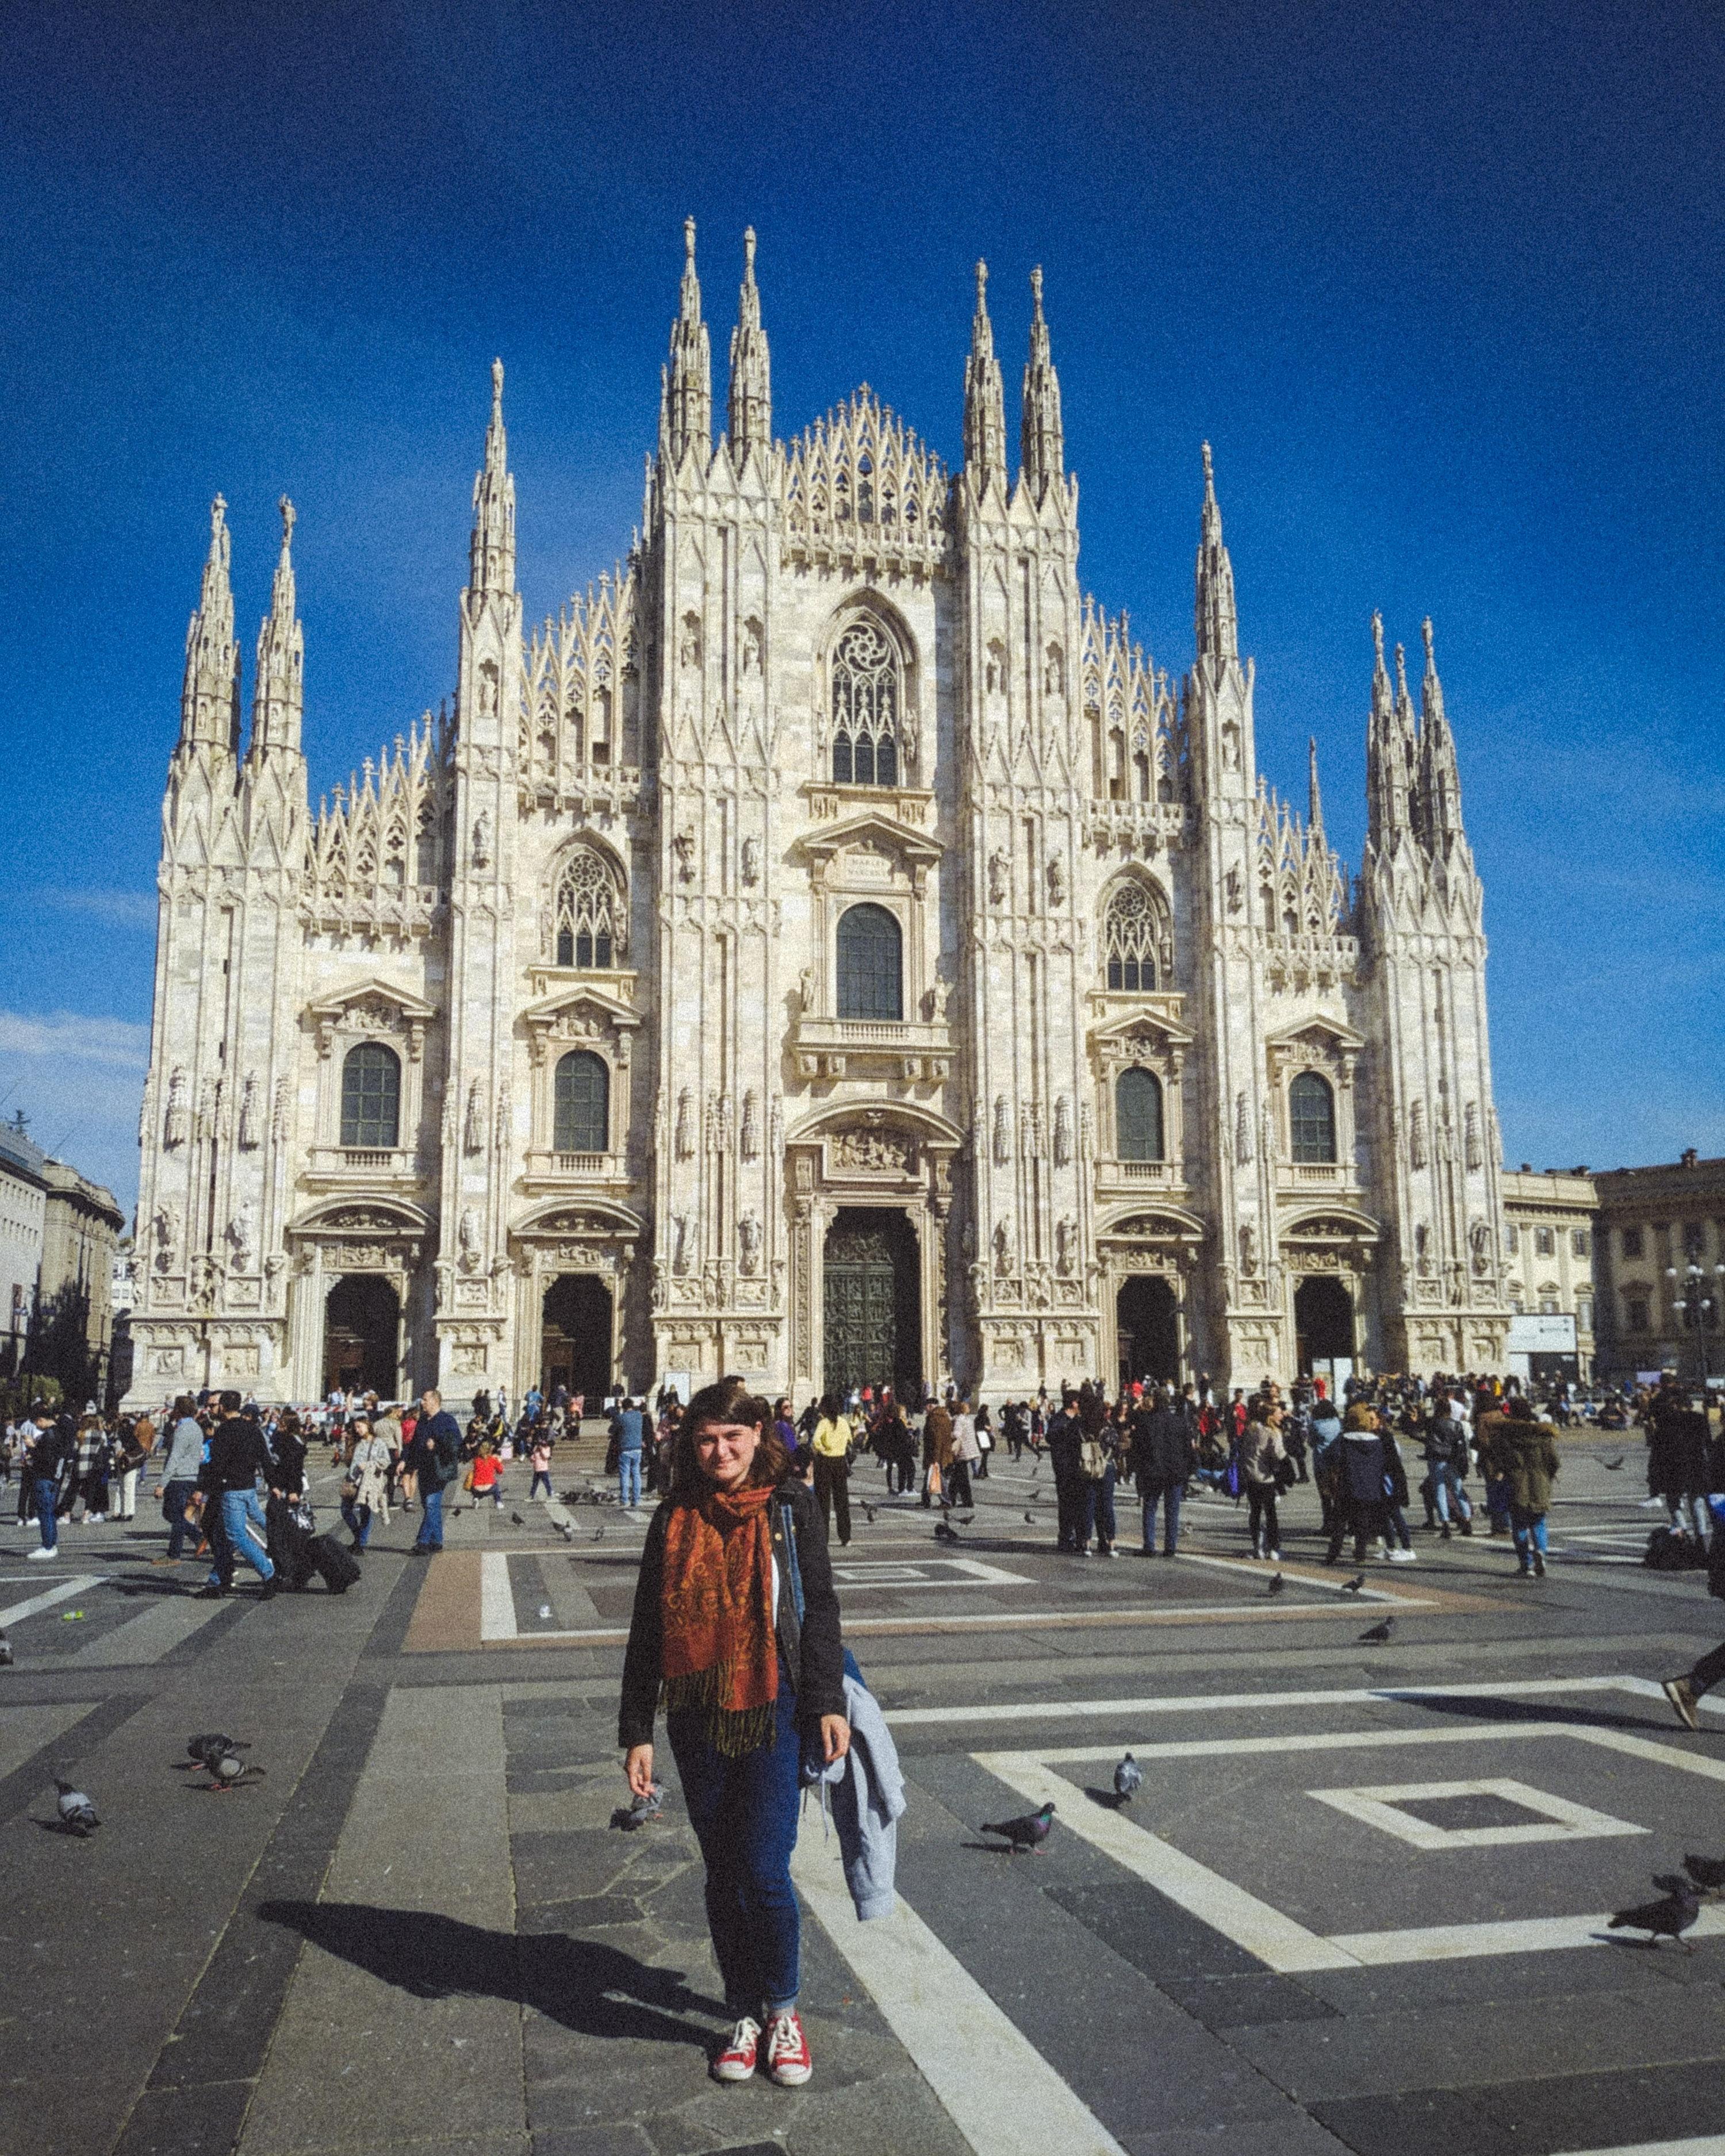 Milánó, ahol egy katedrálissal soványabb lett a bakancslistám